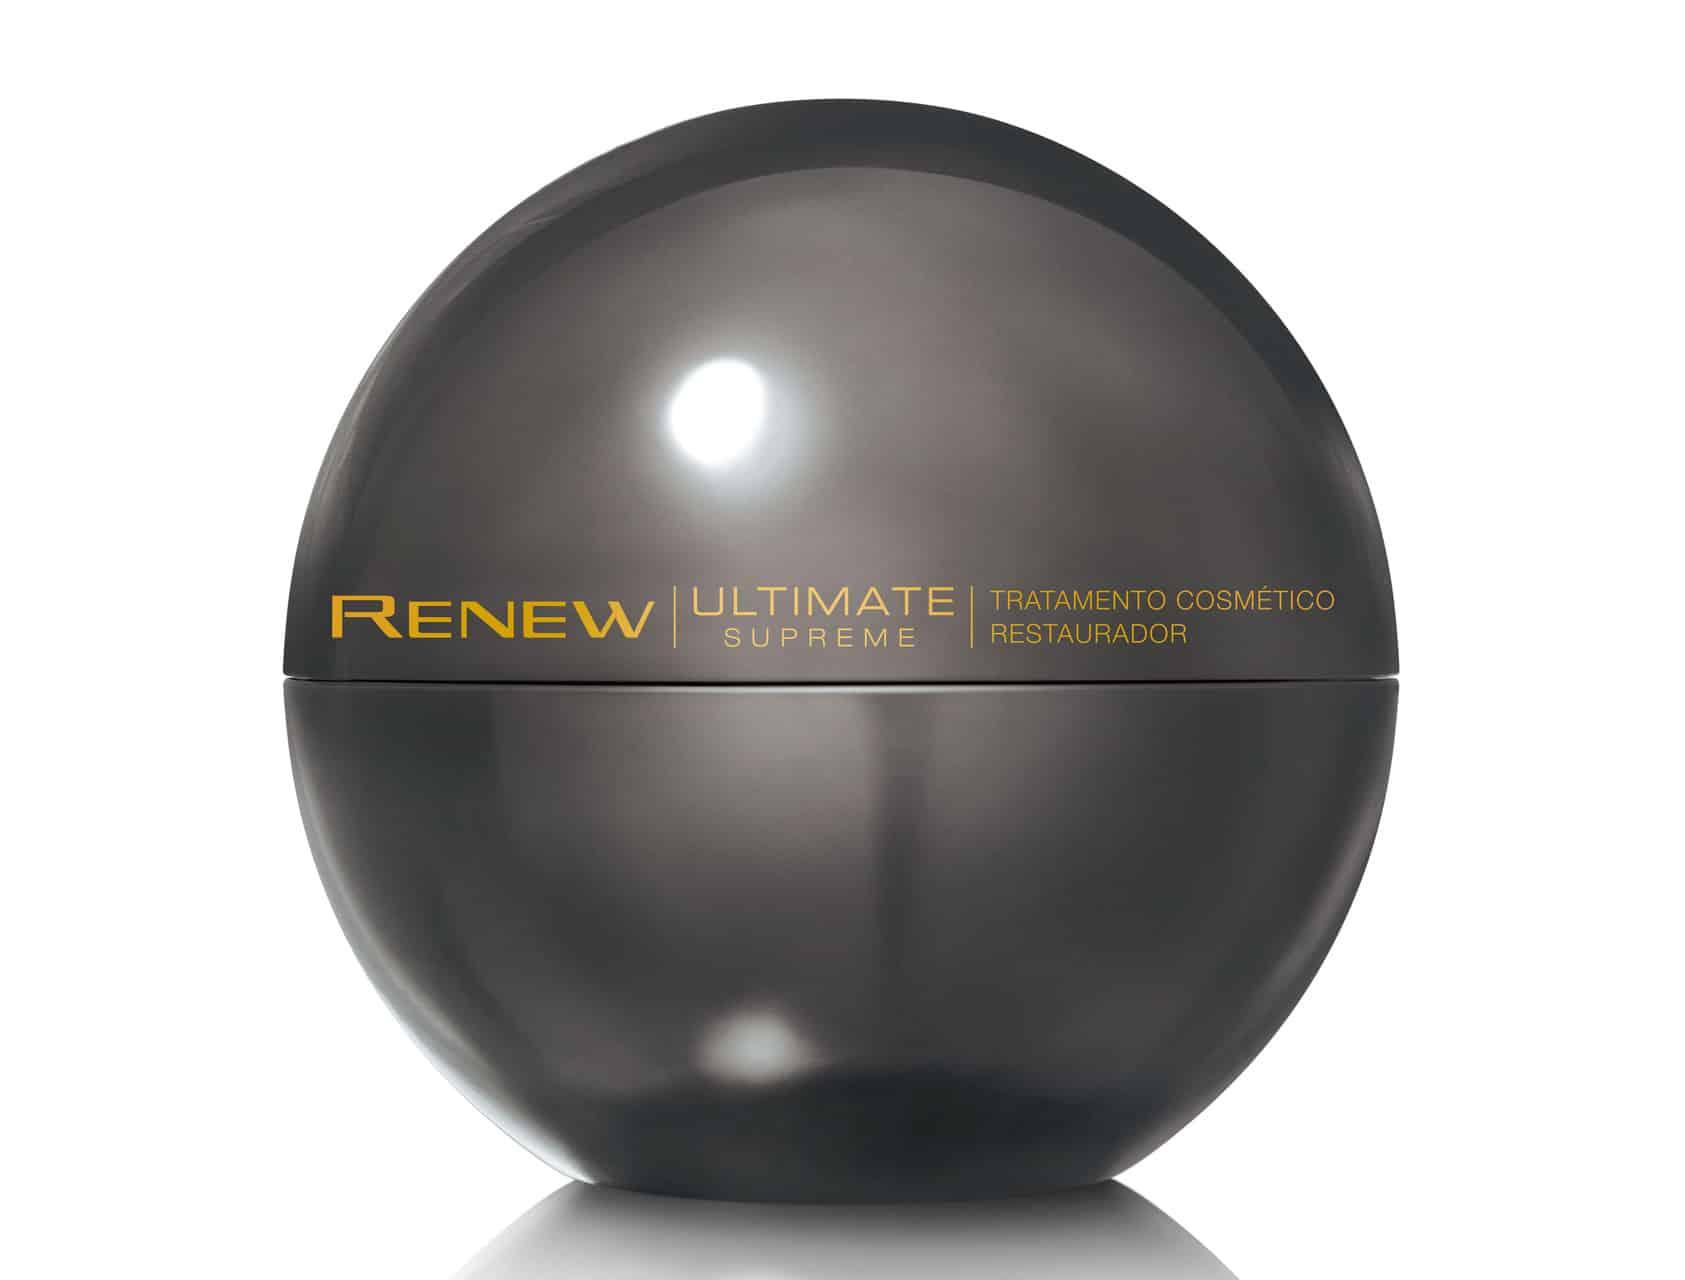 9a26f2810 Renew Ultimate Supreme é um tratamento cosmético restaurador indicado para  mulheres acima de 45 anos